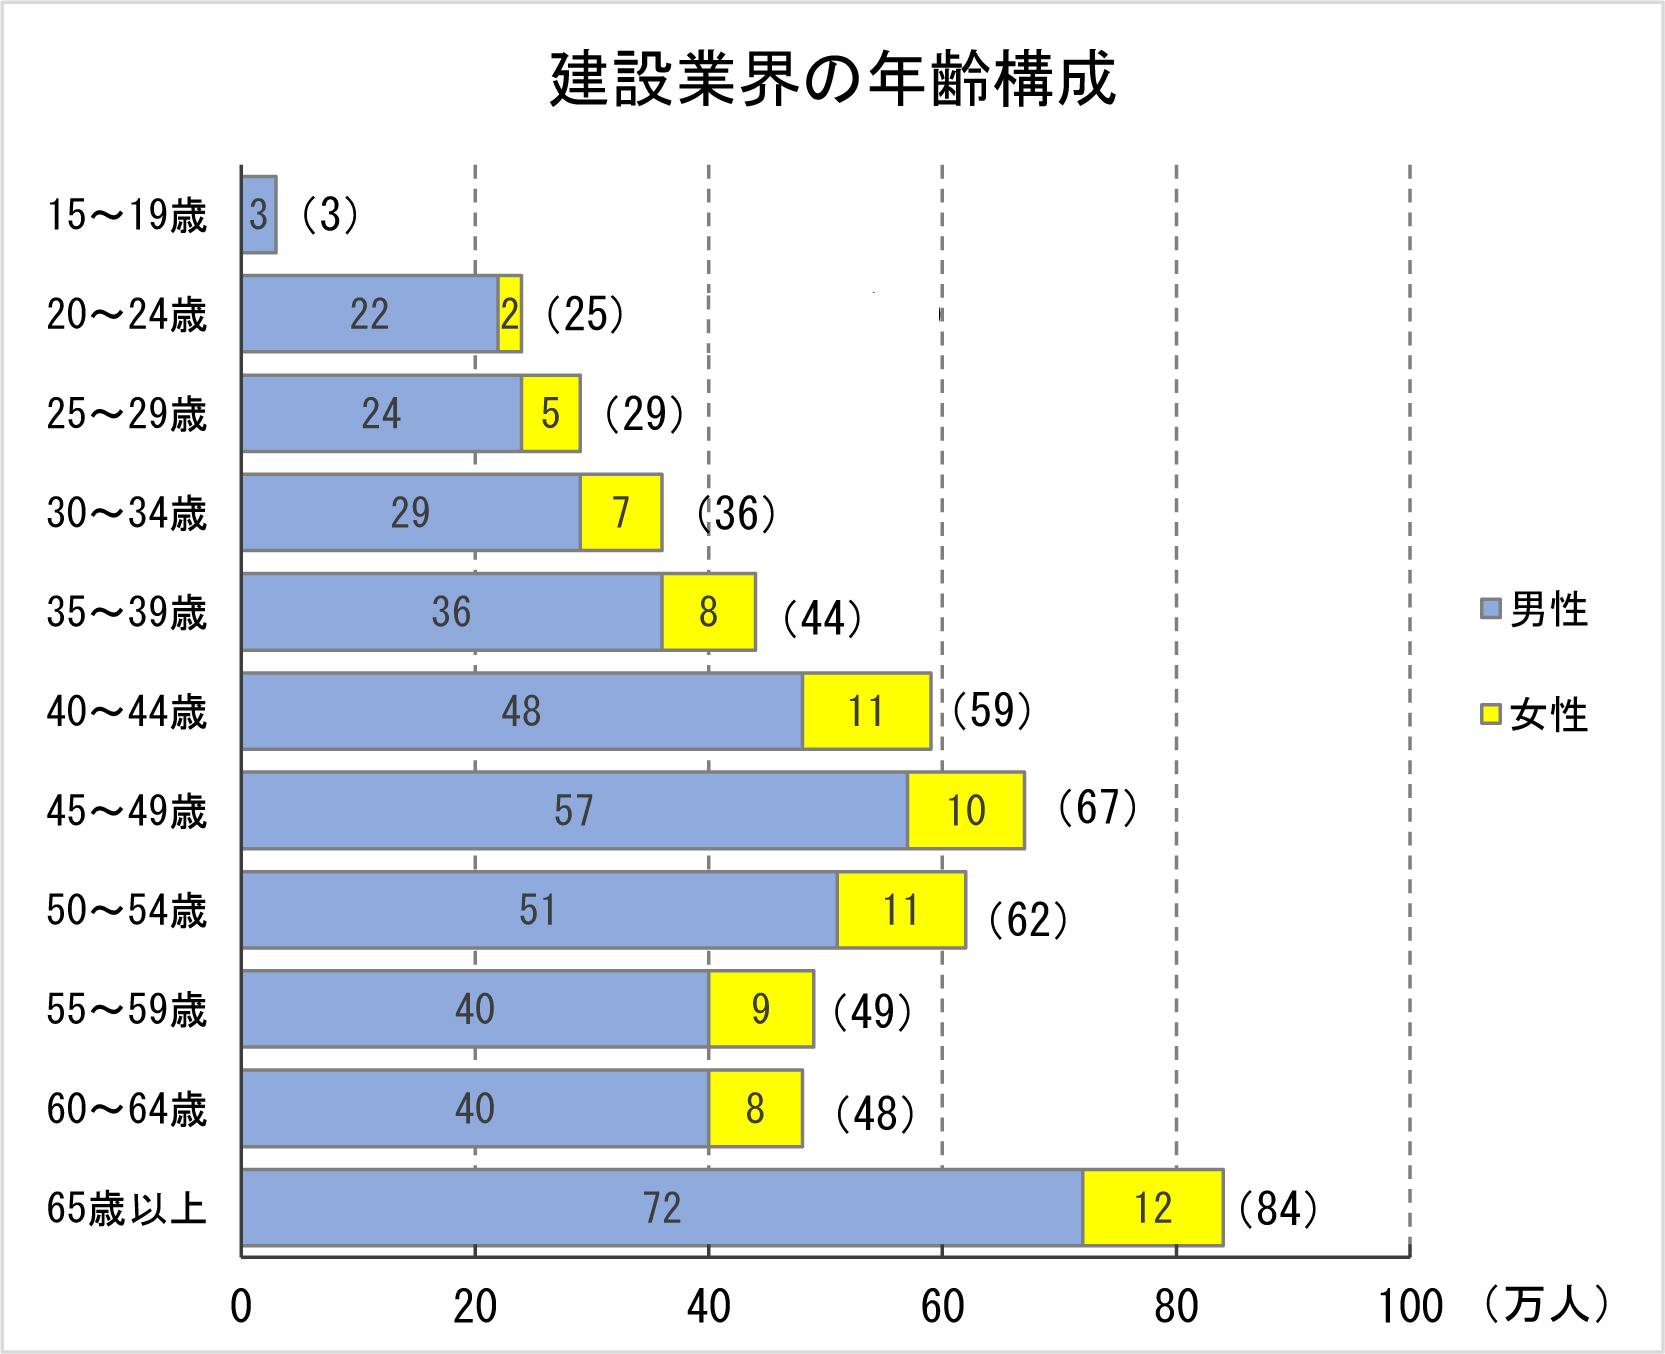 ②-1 建設業界の年齢構成